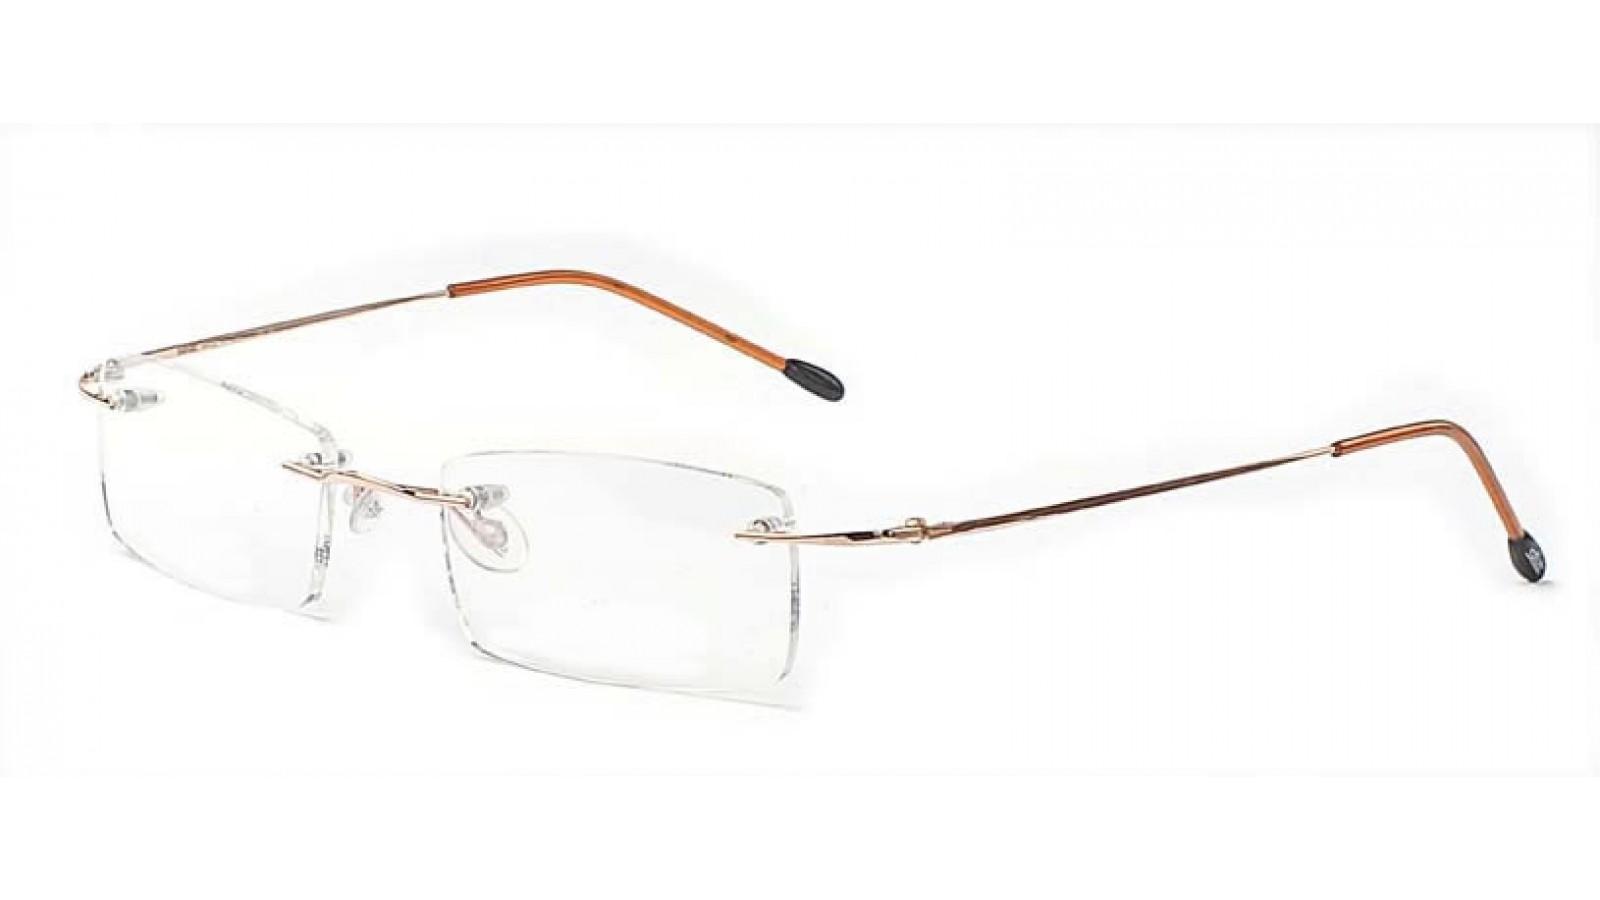 Sonnenbrille Herrenbrille/Damenbrille schmale Gläser elegant silber V-147 EPkkL2VYa